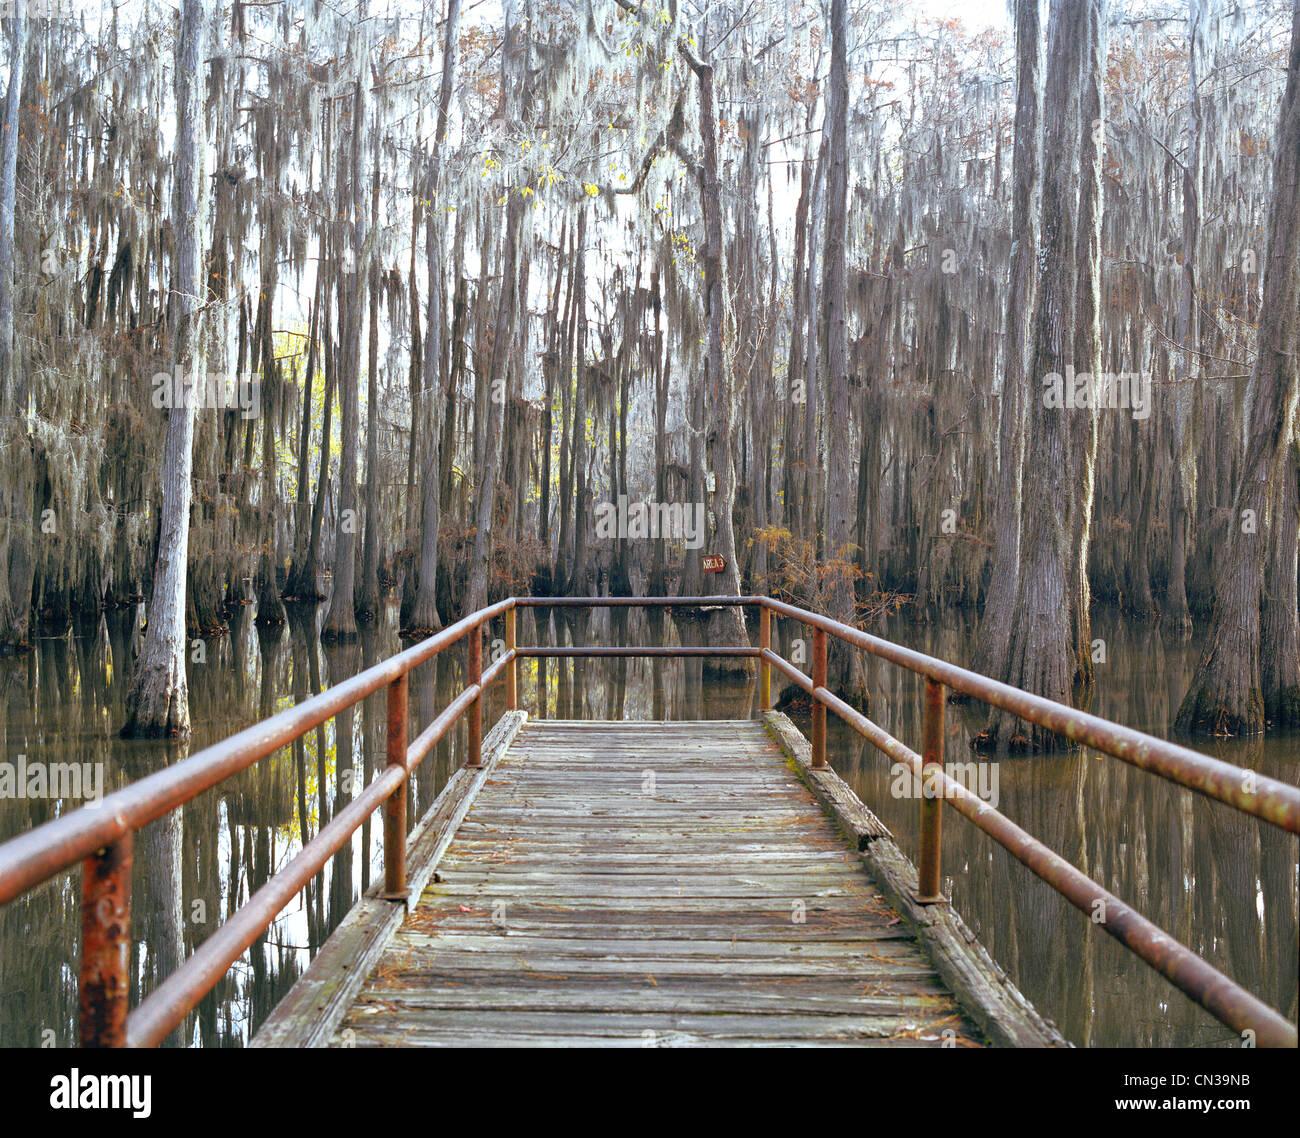 Jetty in swamp, Louisiana, USA - Stock Image